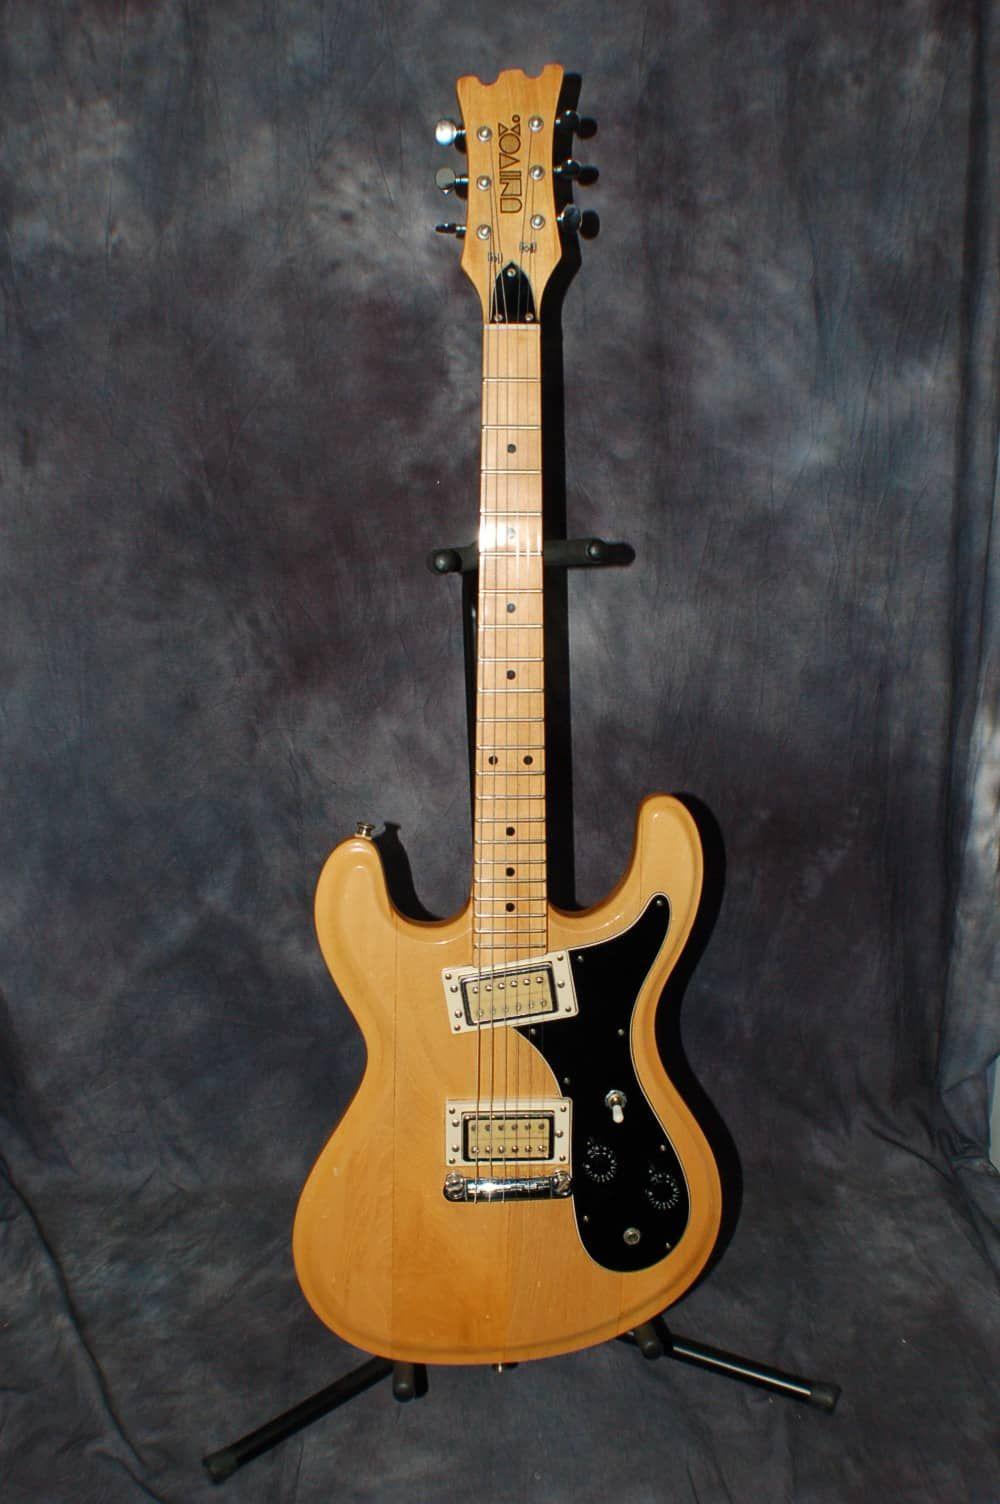 1976 Univox Hiflier Model U1818 Kurt Cobain Guitar Natural Pro Setup All Original Gigbag Lawman Guitars Reverb Japanese Guitar Guitar Cool Guitar